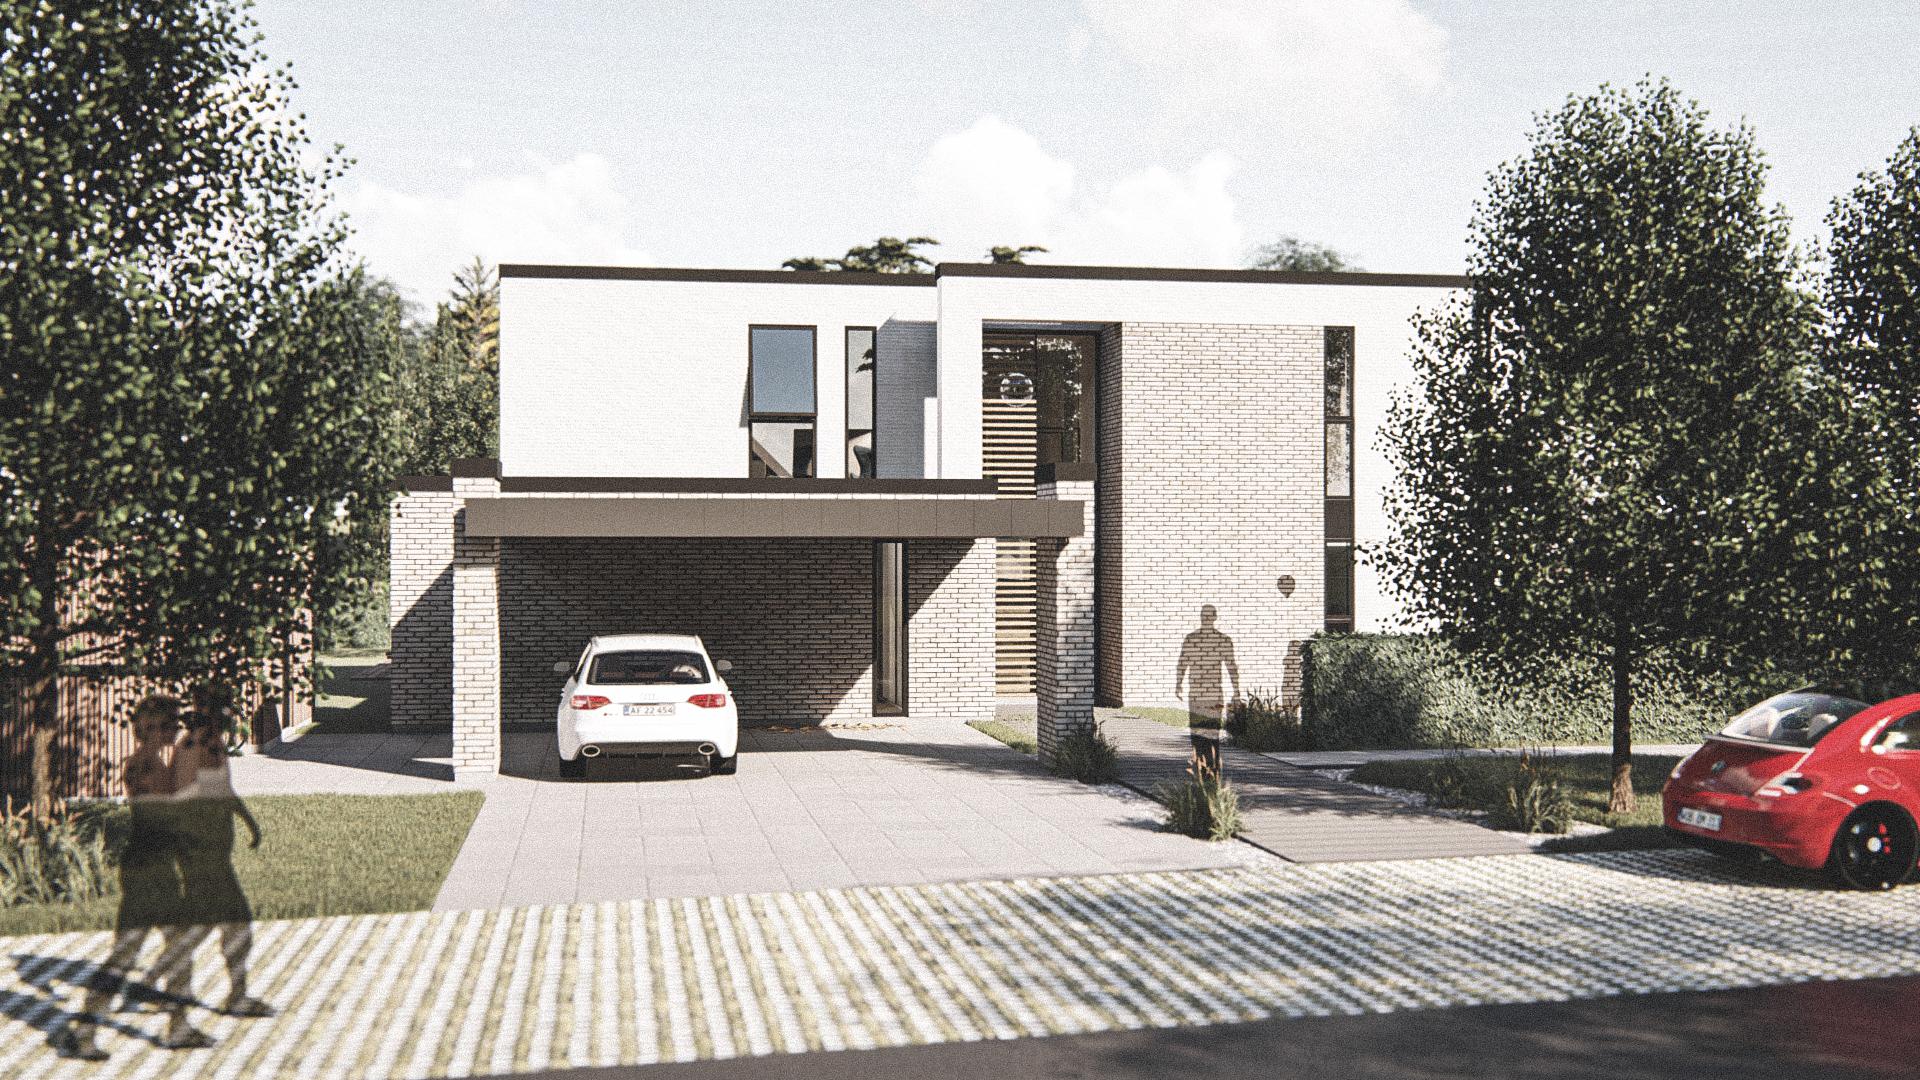 Billede af Dansk arkitekttegnet parterreplan villa af arkitektfirmaet m2plus, i Silkeborg på 312 kvartratmeter.